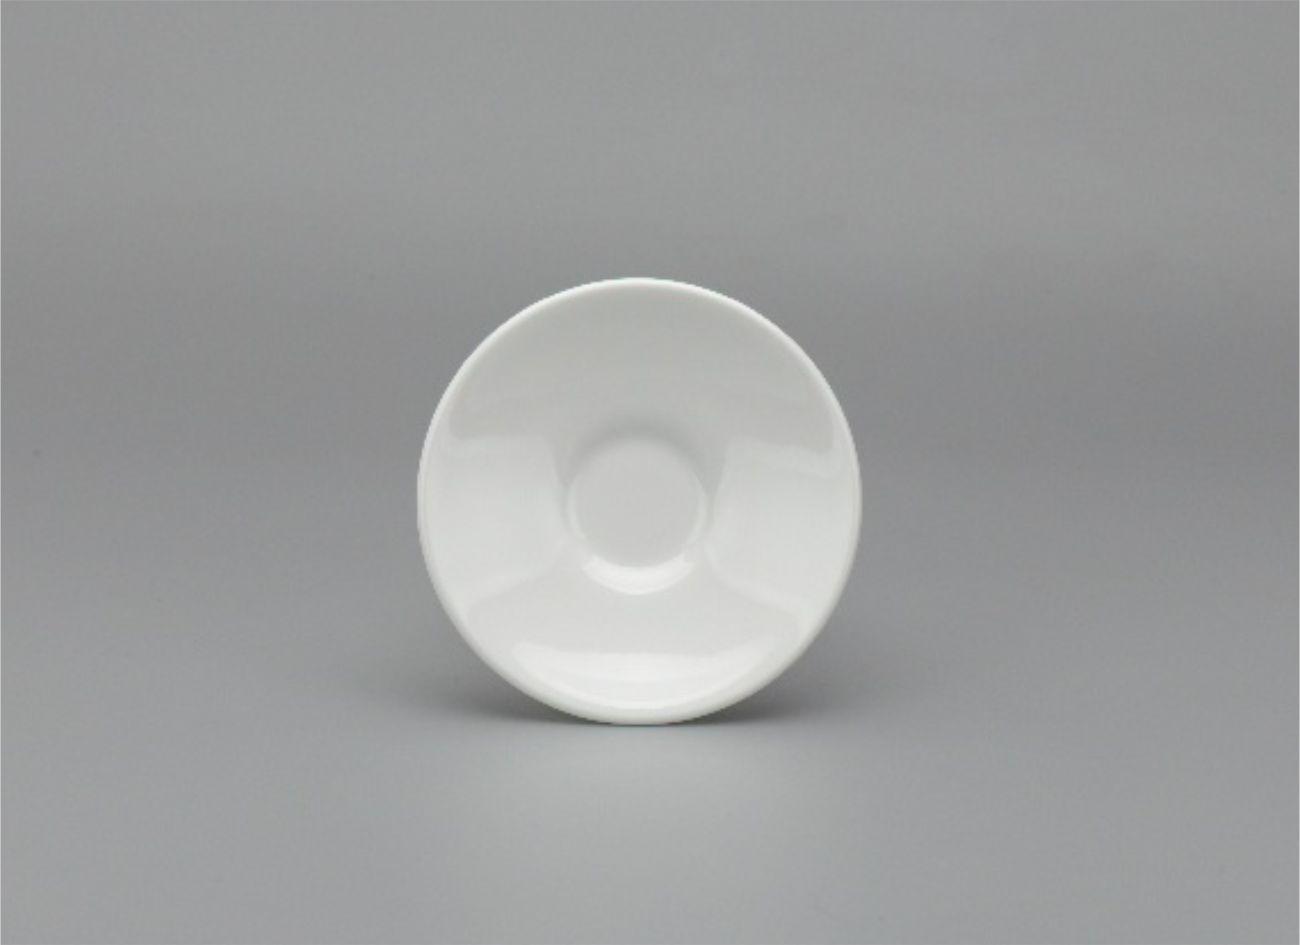 Dĩa lót 15cm Anh Vũ Lys Trắng Ngà 581562000